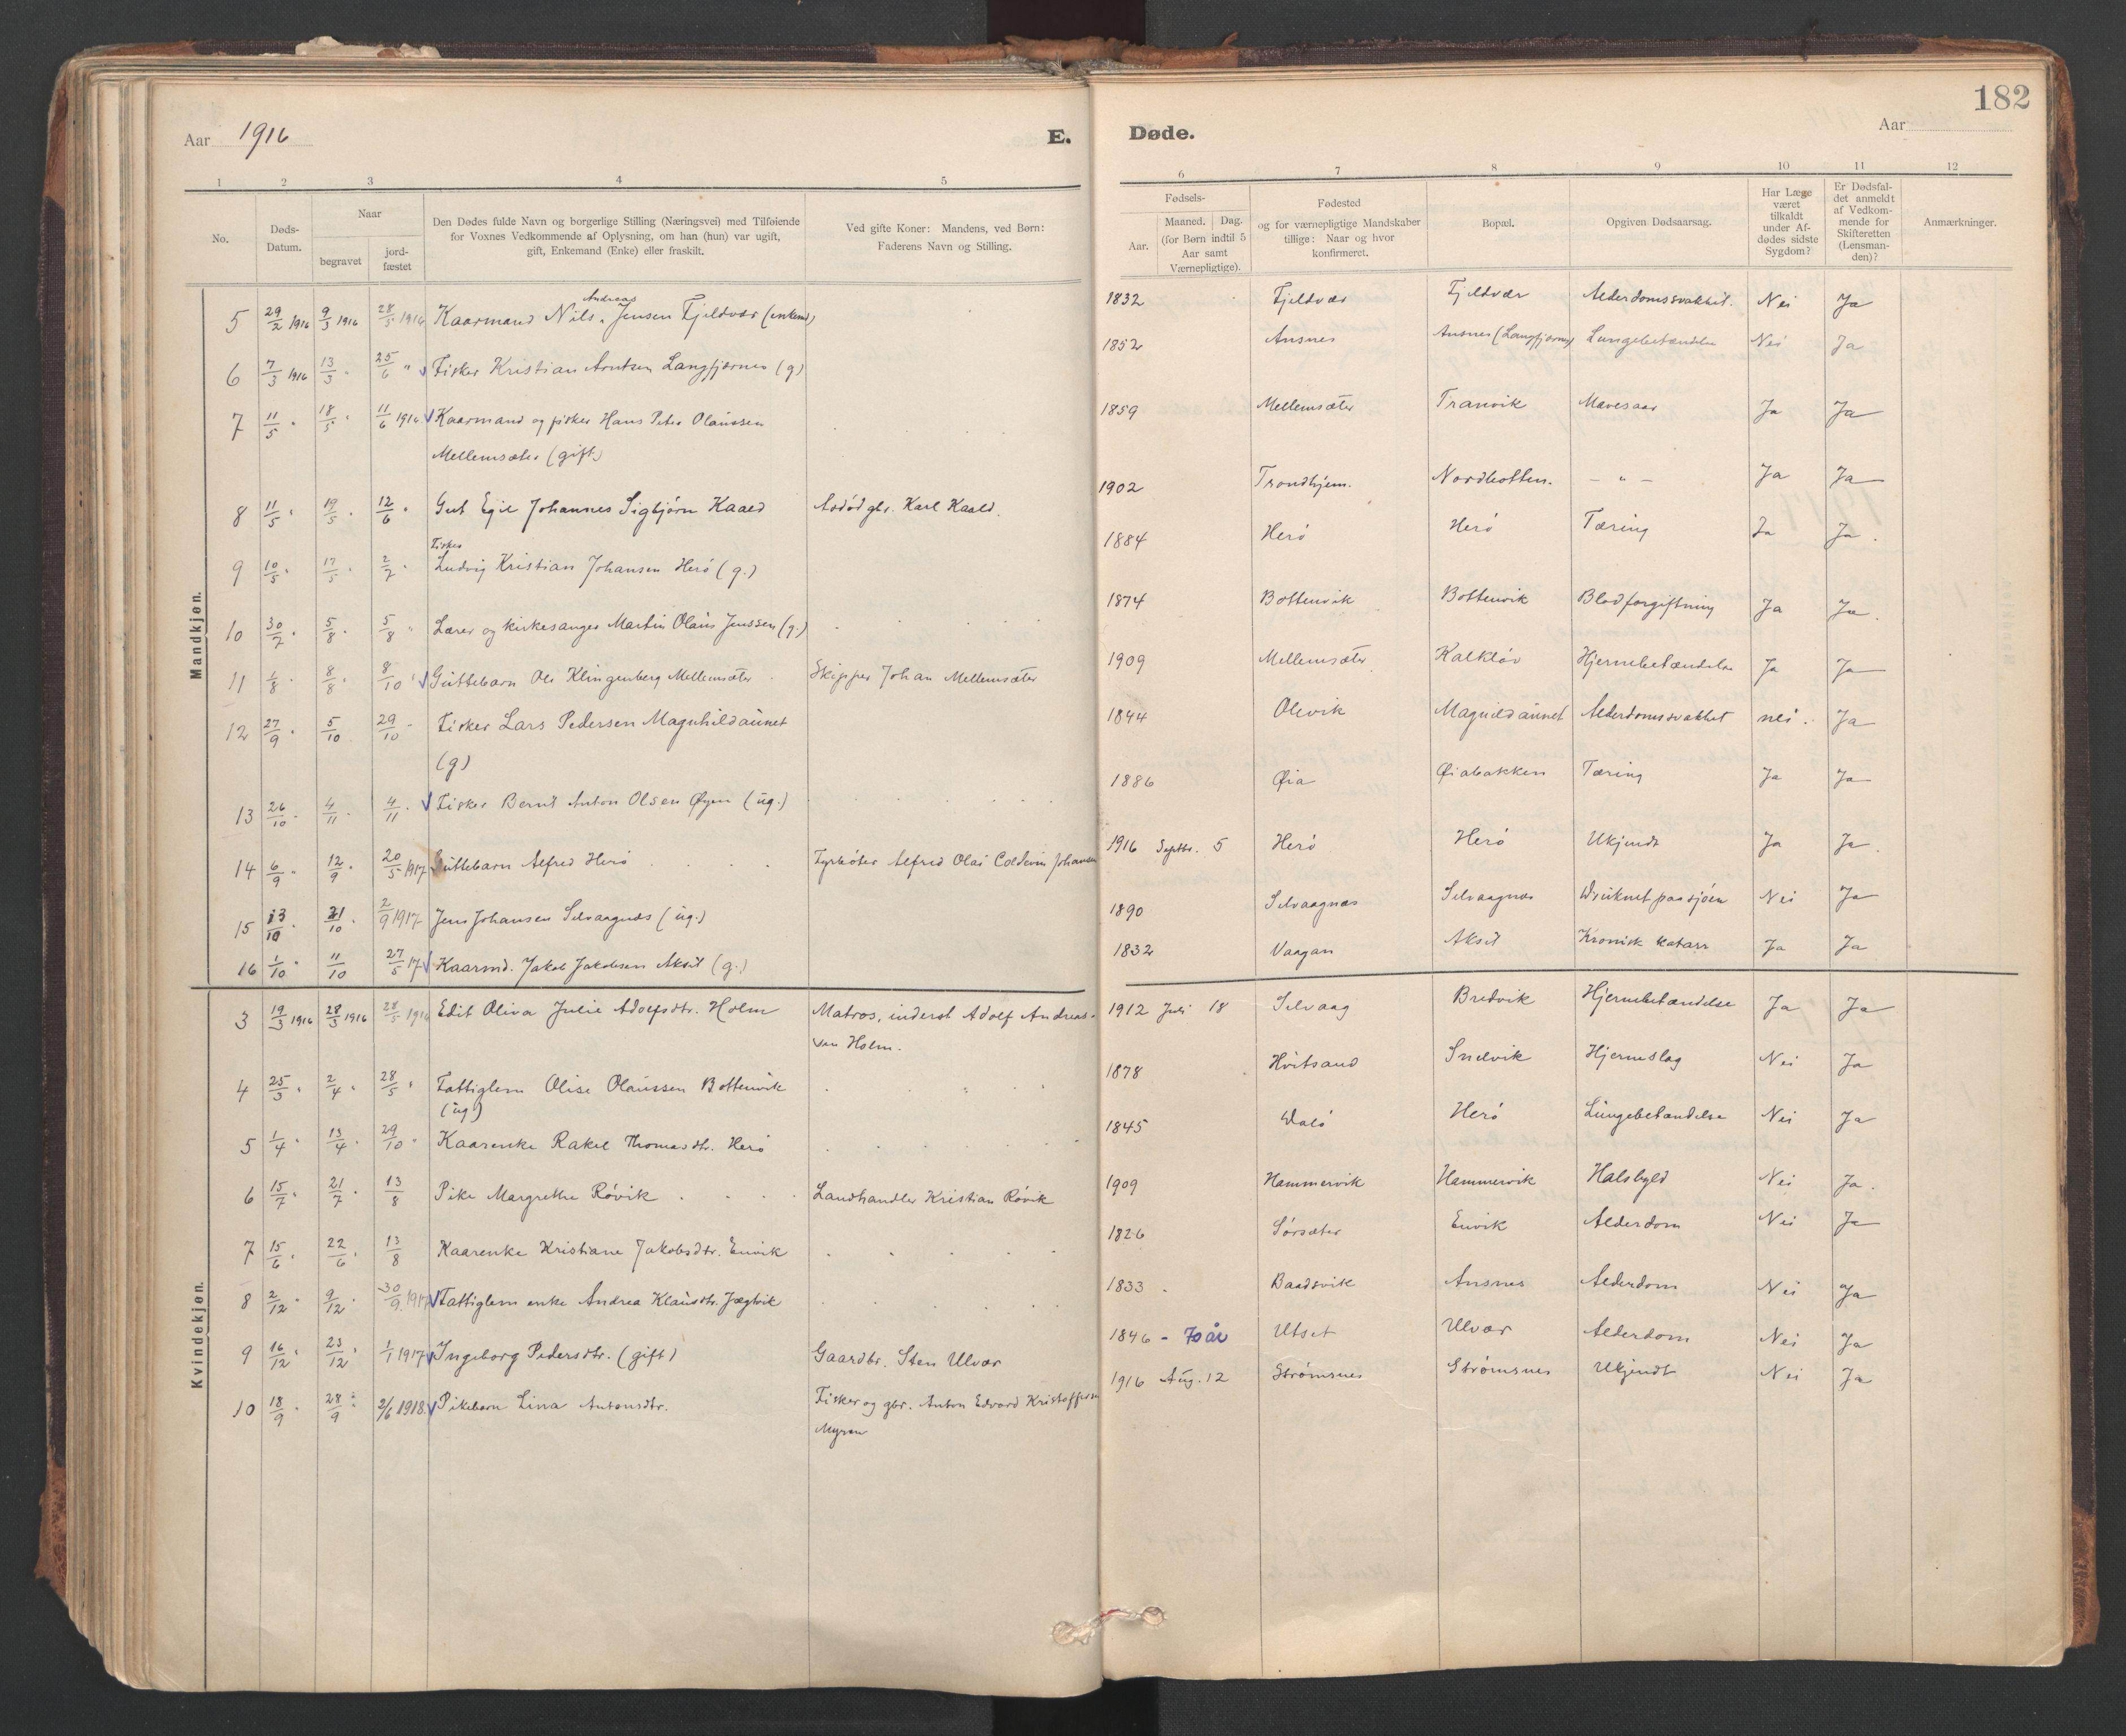 SAT, Ministerialprotokoller, klokkerbøker og fødselsregistre - Sør-Trøndelag, 637/L0559: Ministerialbok nr. 637A02, 1899-1923, s. 182